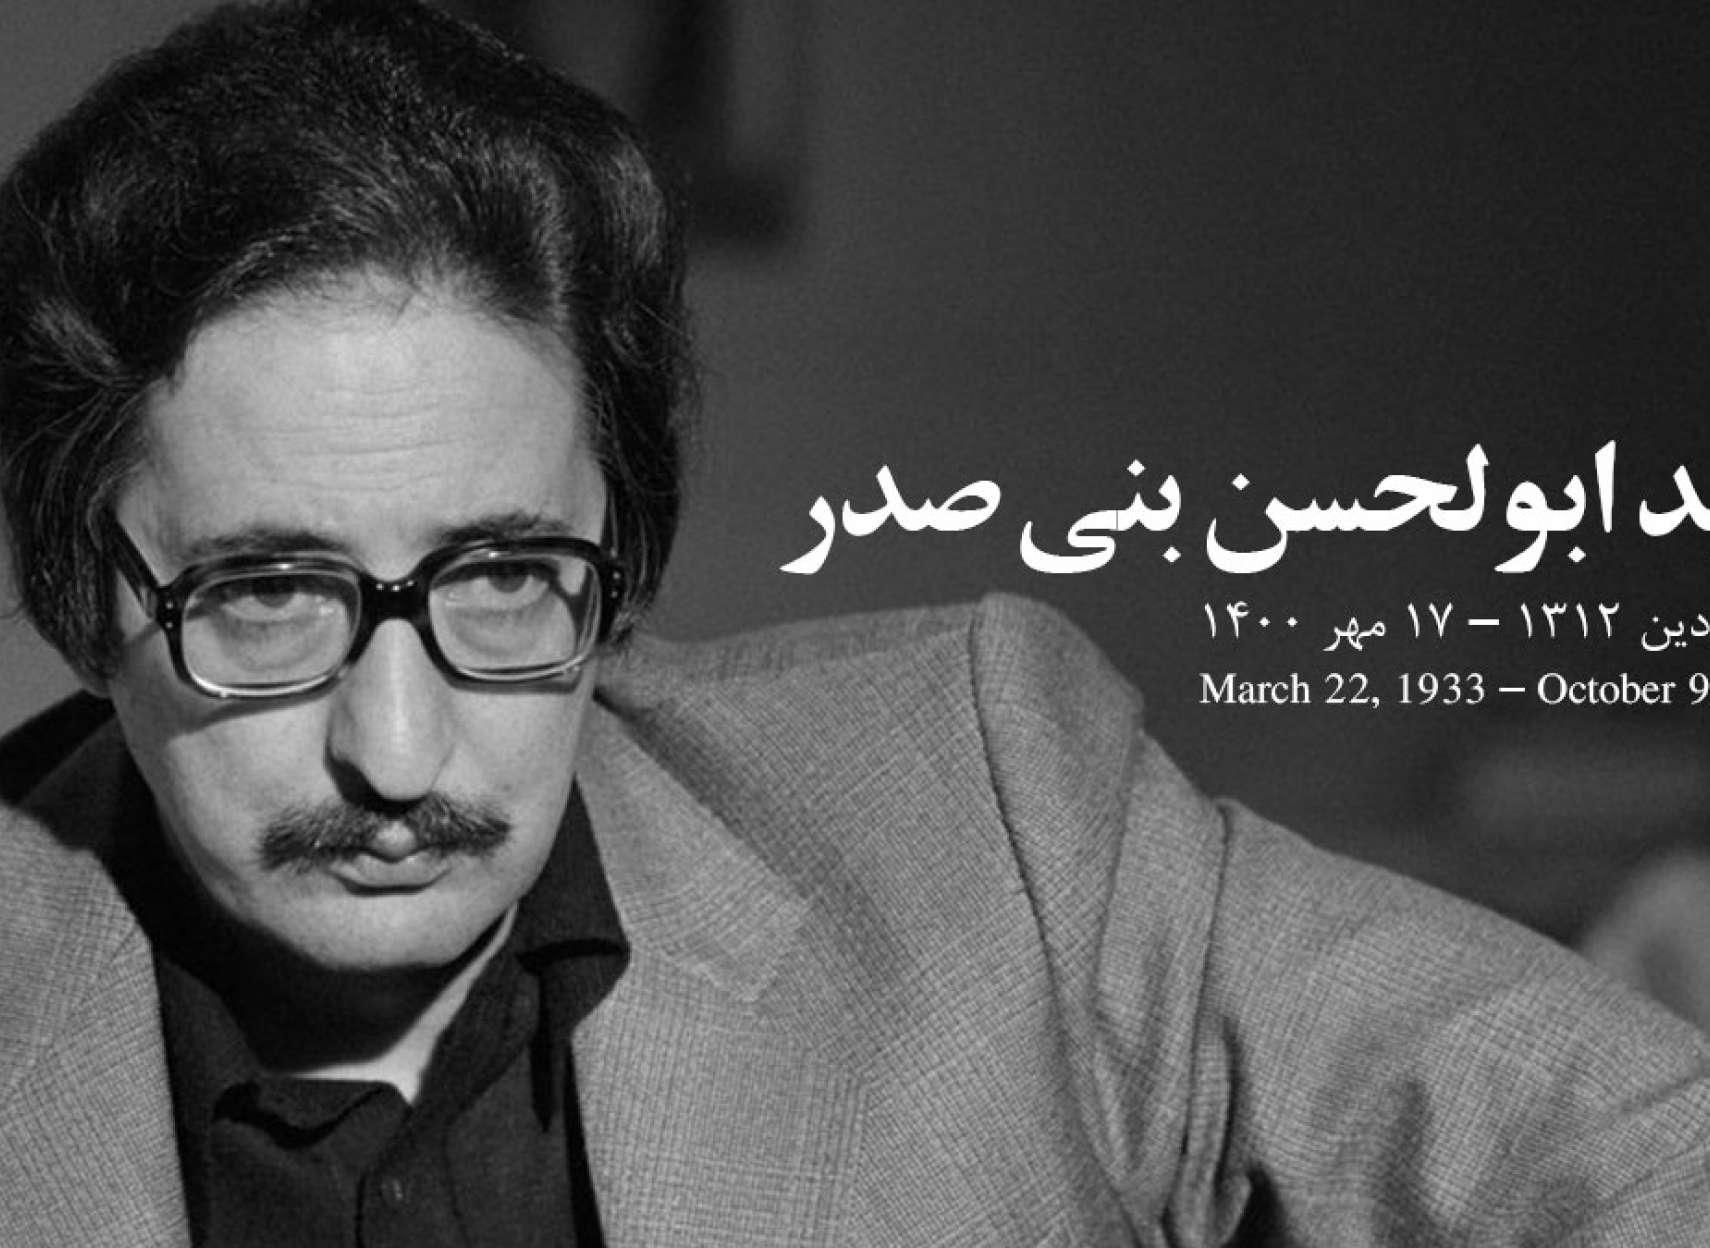 خبر-ایران-از-دید-رسانه-های-مستقل-خارجی-سید-ابولحسن-بنی-صدر-که-بود-و-چگونه-زیست